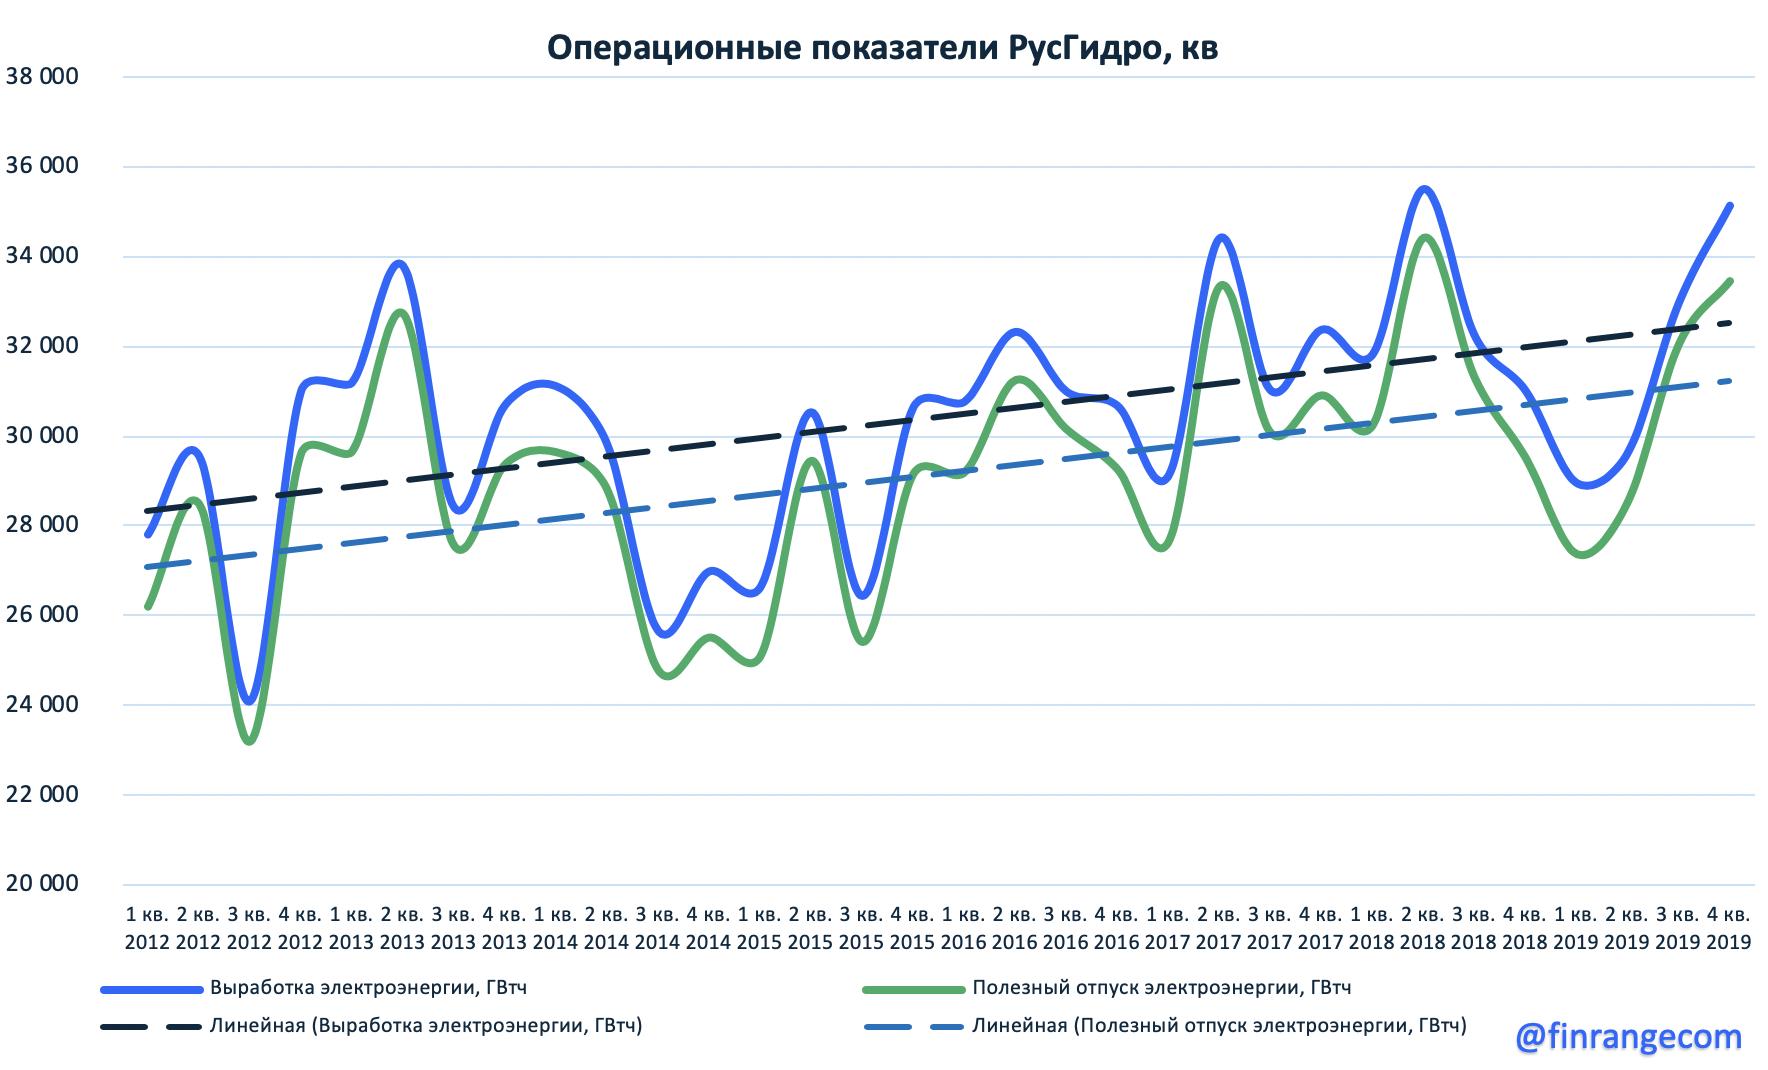 РусГидро: операционные результаты за 2019 г.